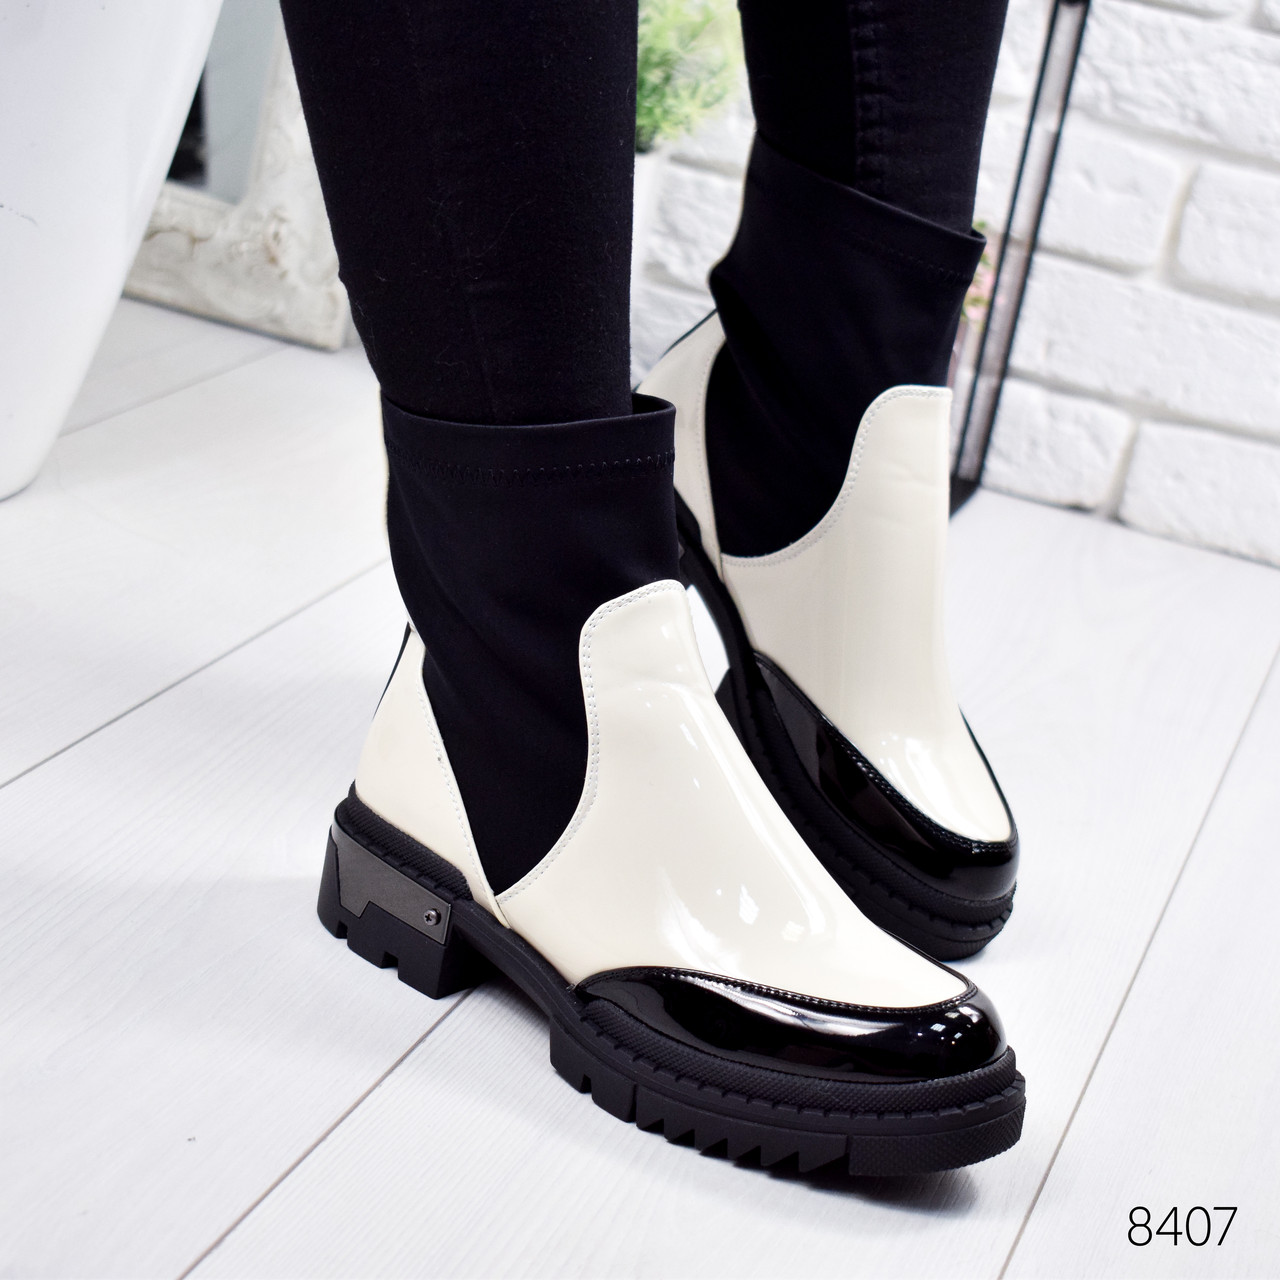 Ботинки женские Rita черные + светло бежевый 8407